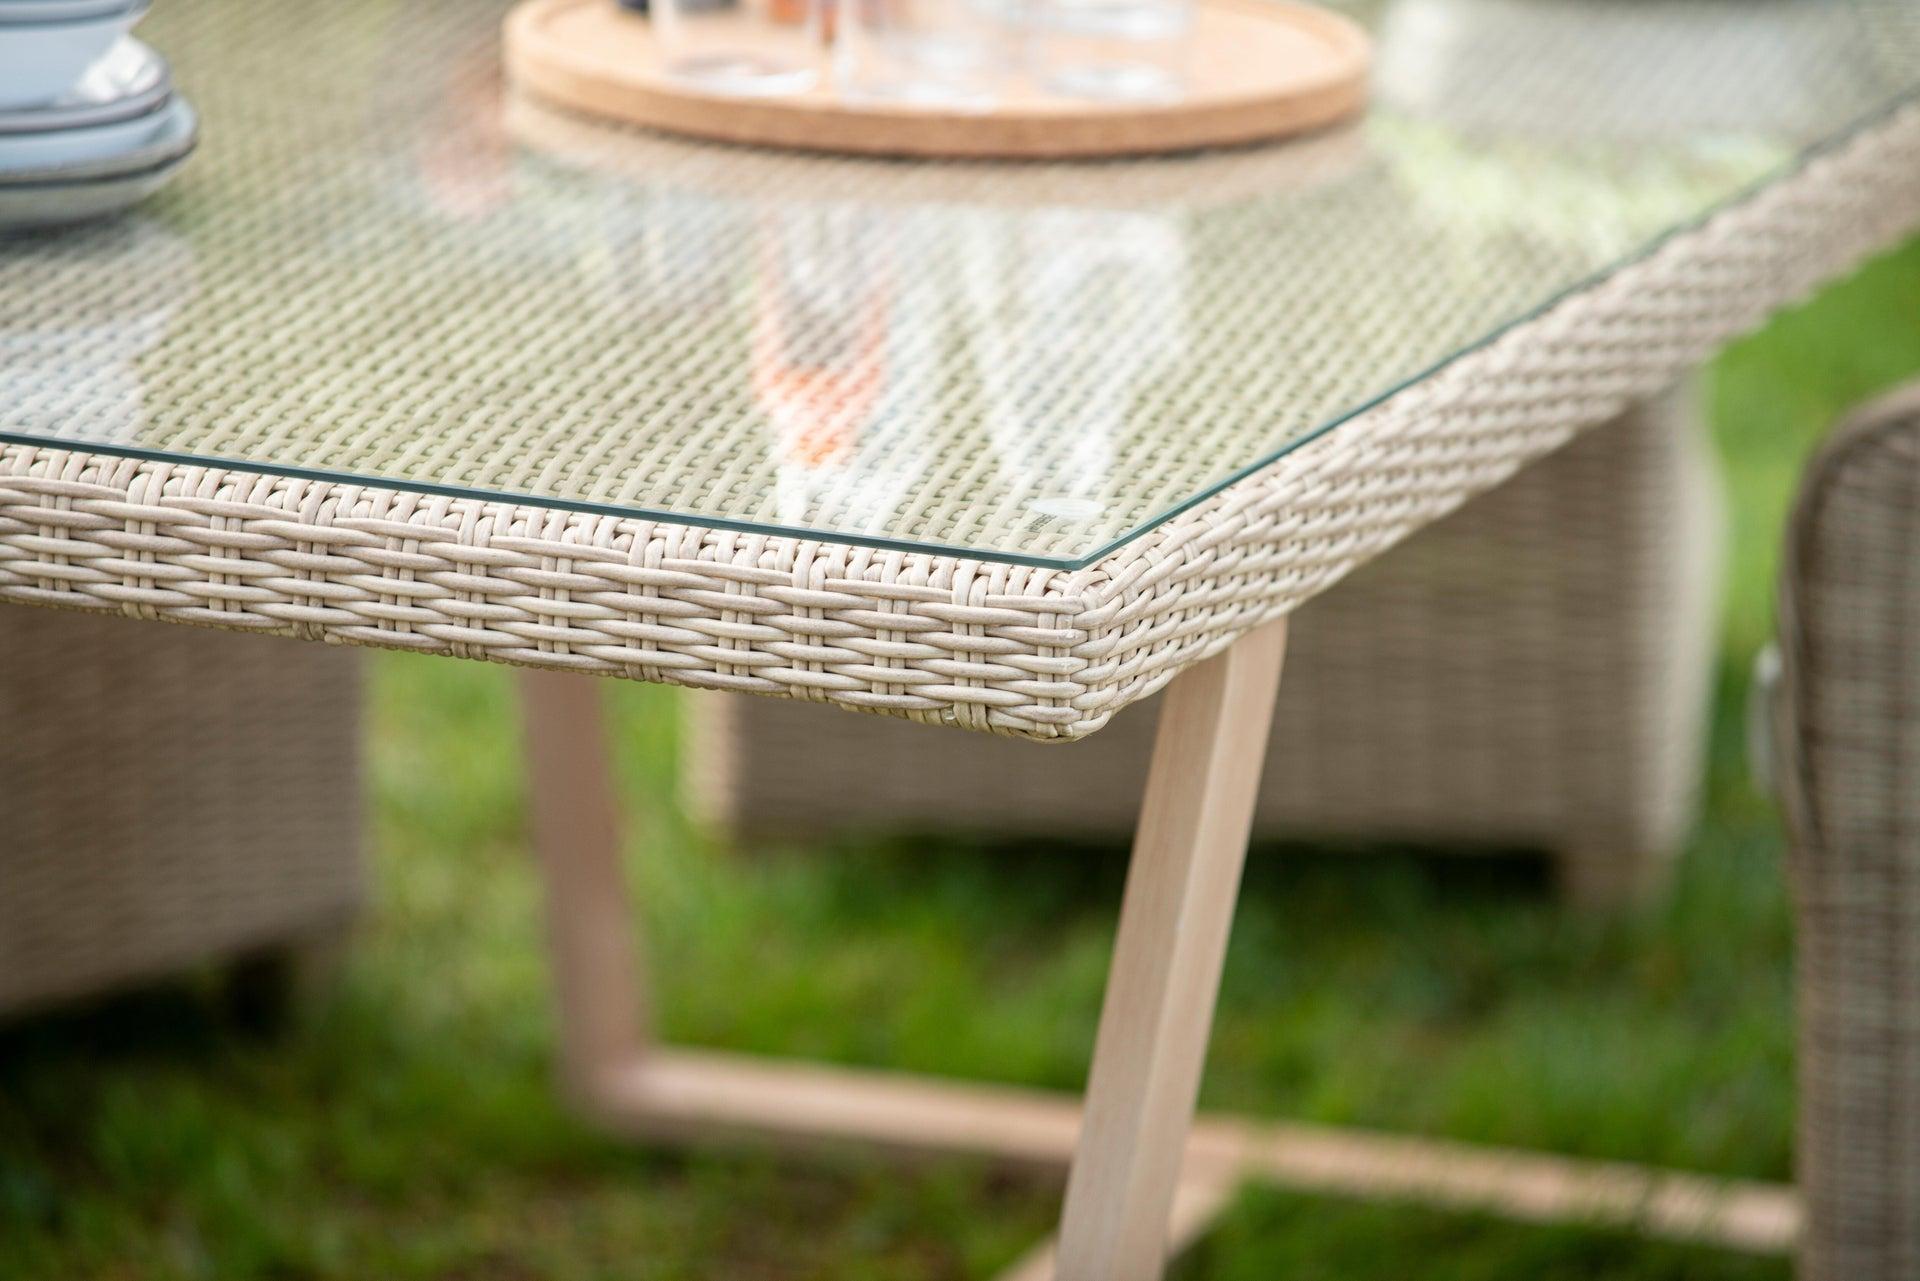 Poltrona da giardino con cuscino in alluminio Medena NATERIAL colore naturale - 8